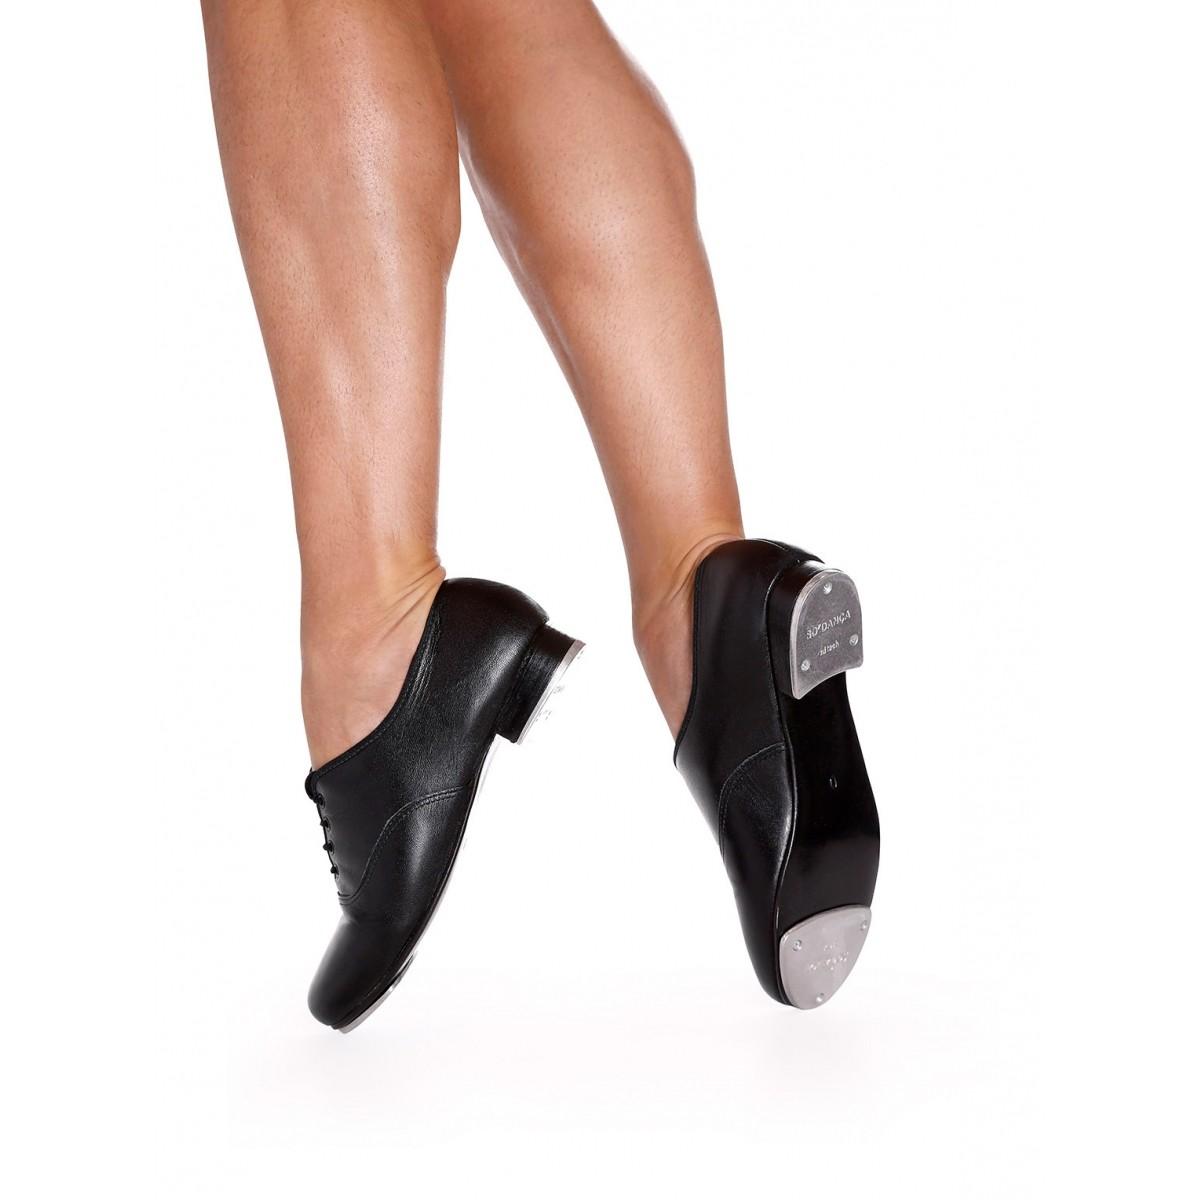 b62e7a1c3 Sapato Feminino para Sapateado - (Ref. TA820/A) - QueDança Comércio ...